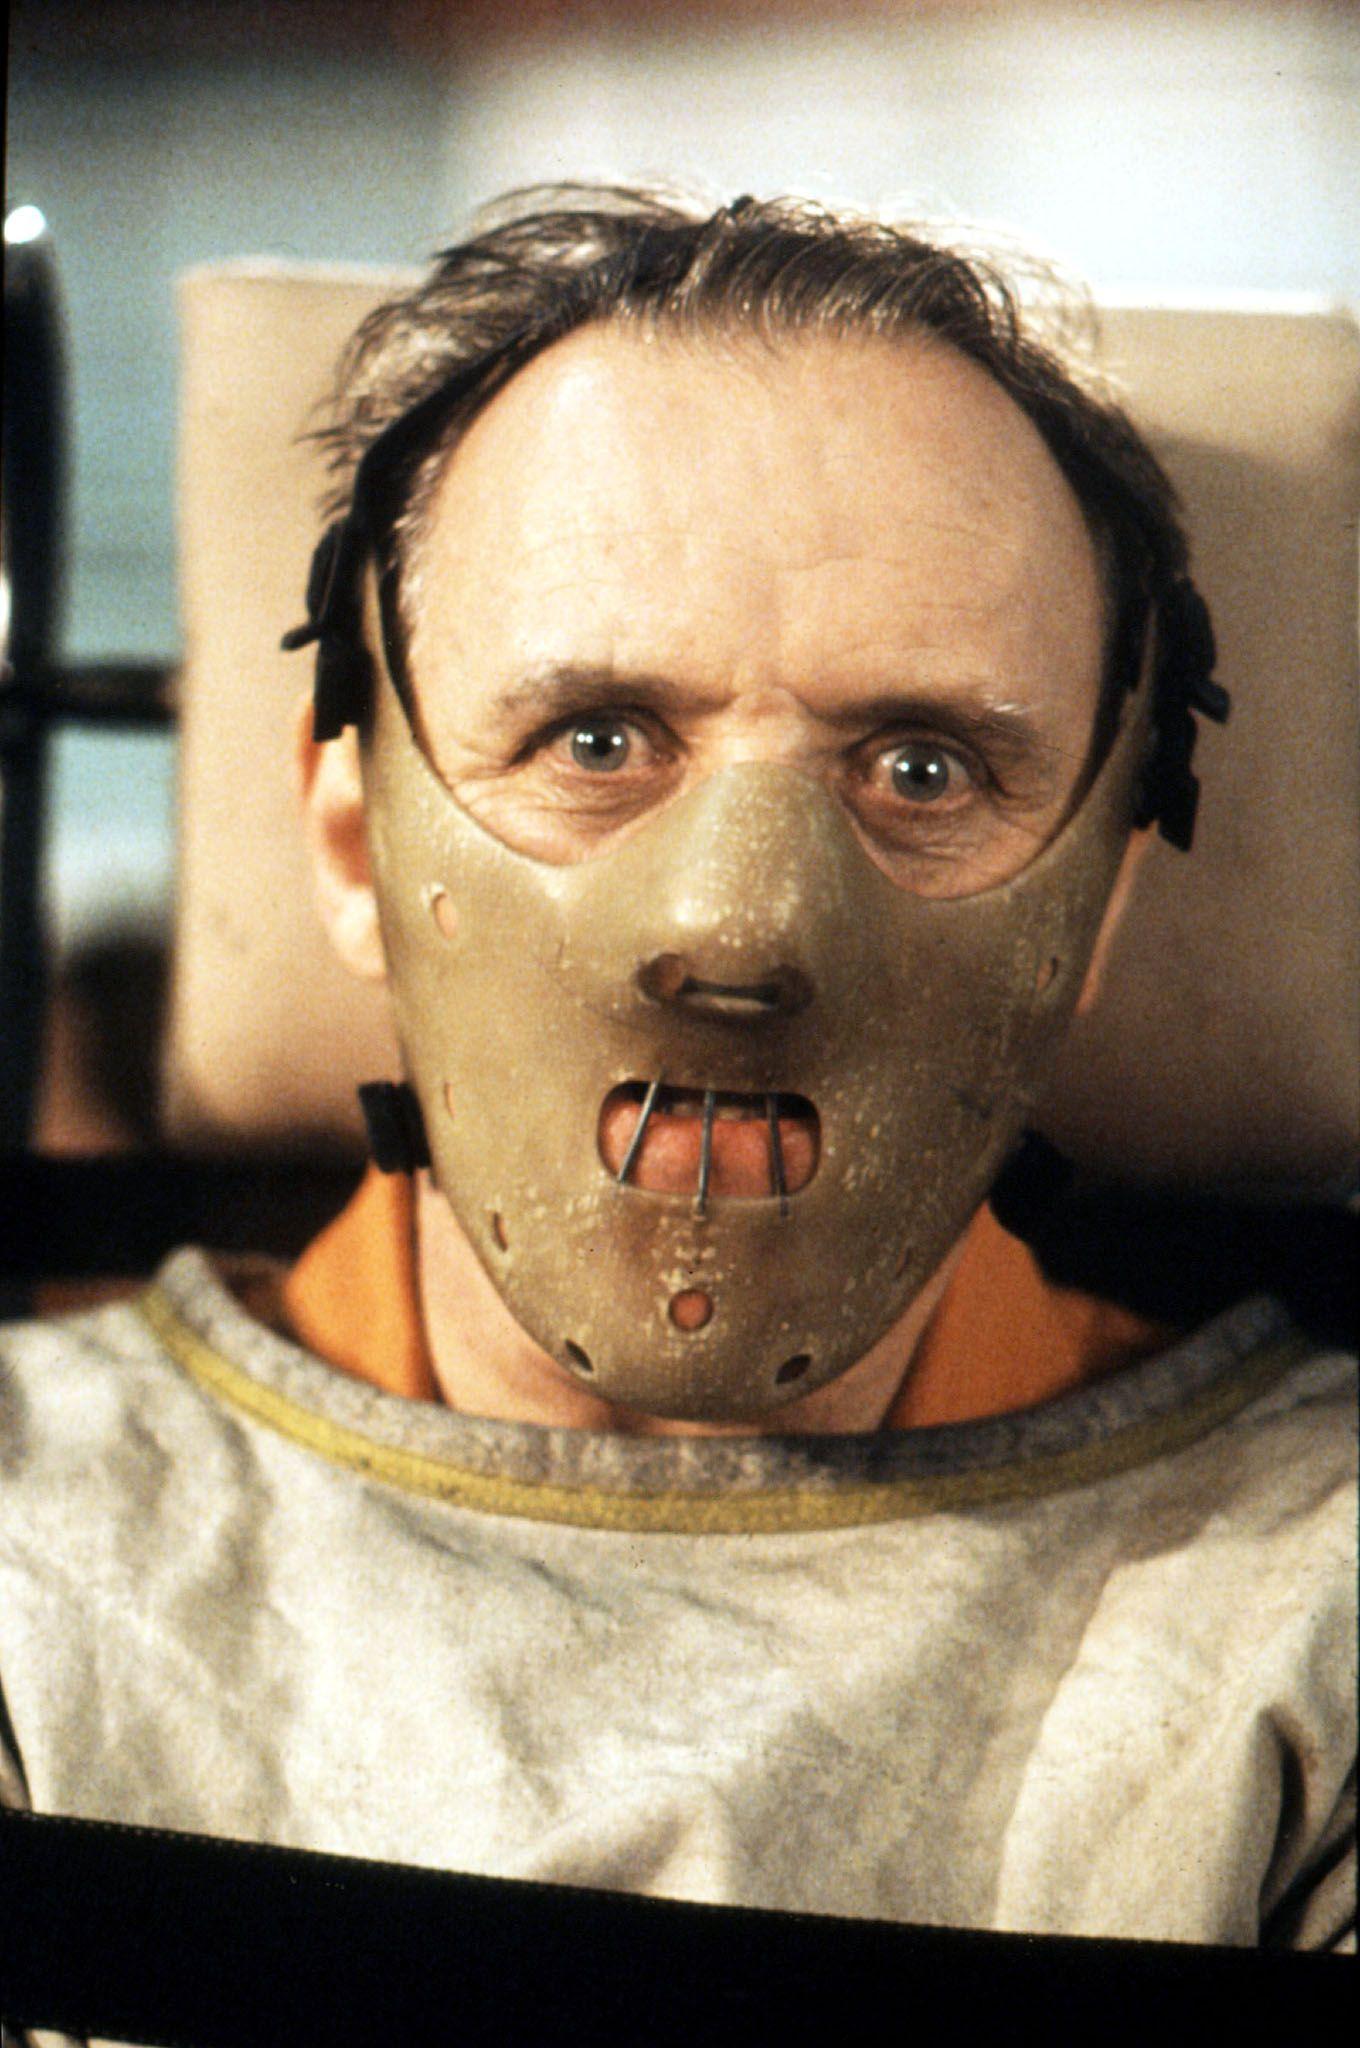 Disfraz de Hannibal Lecter de El silencio de los corderos